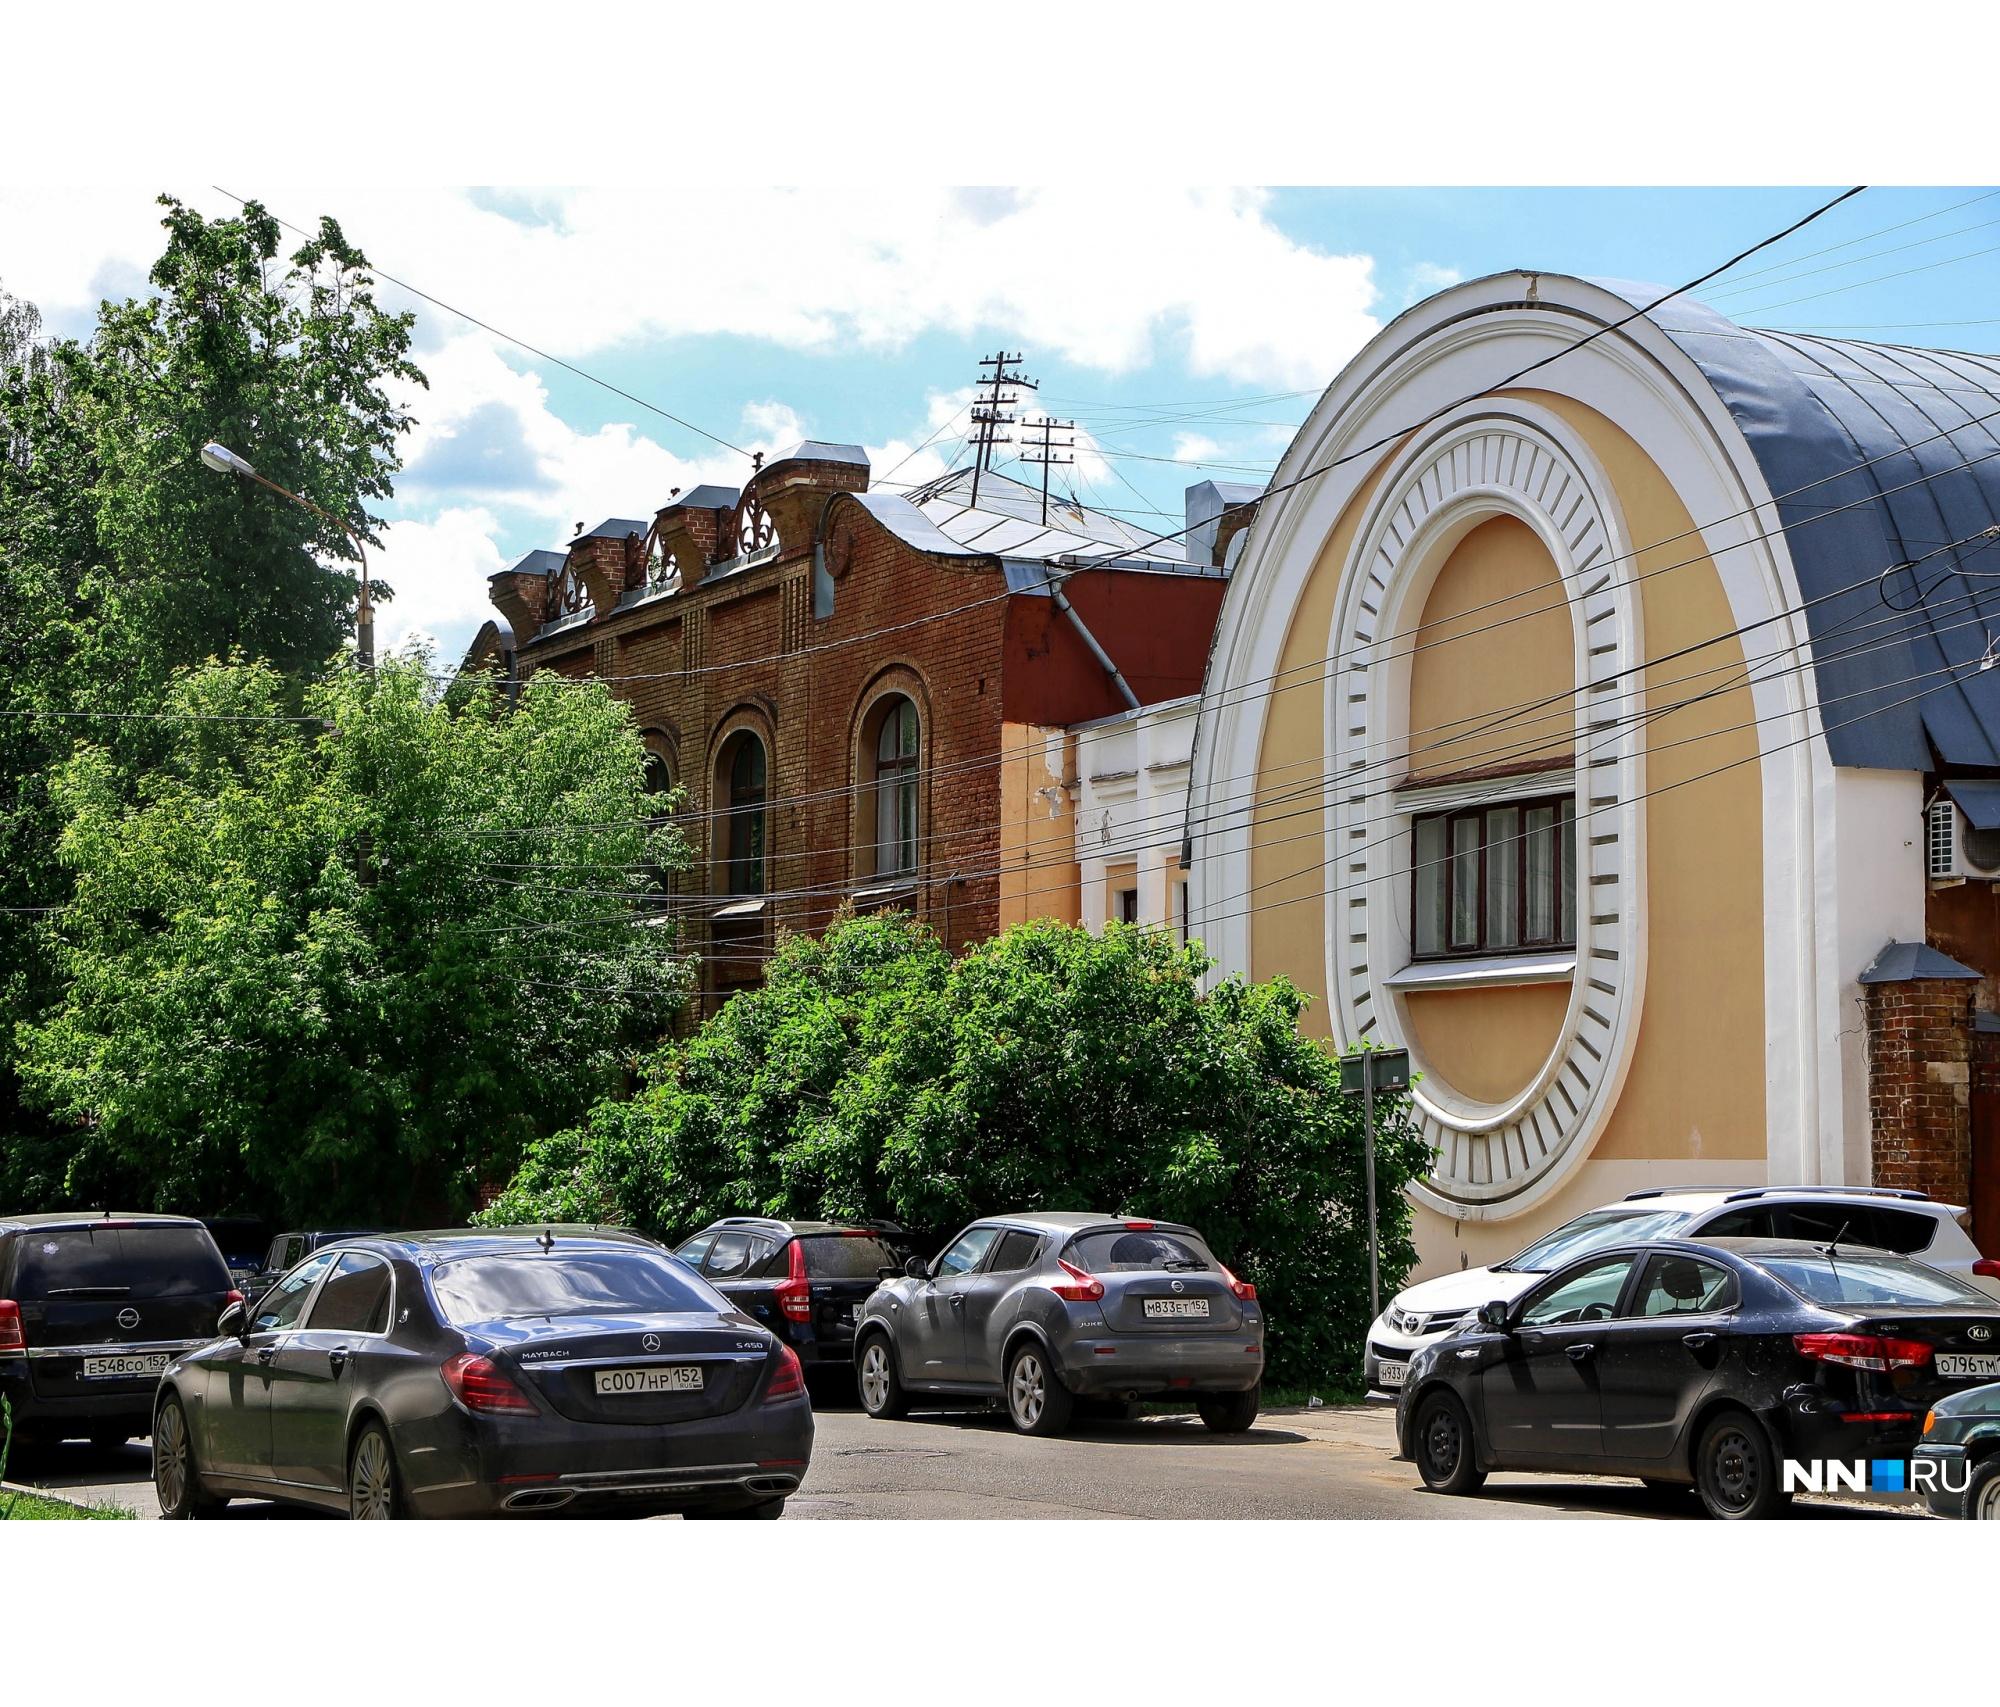 Бывшая усадьба Сергея Михайловича Рукавишникова